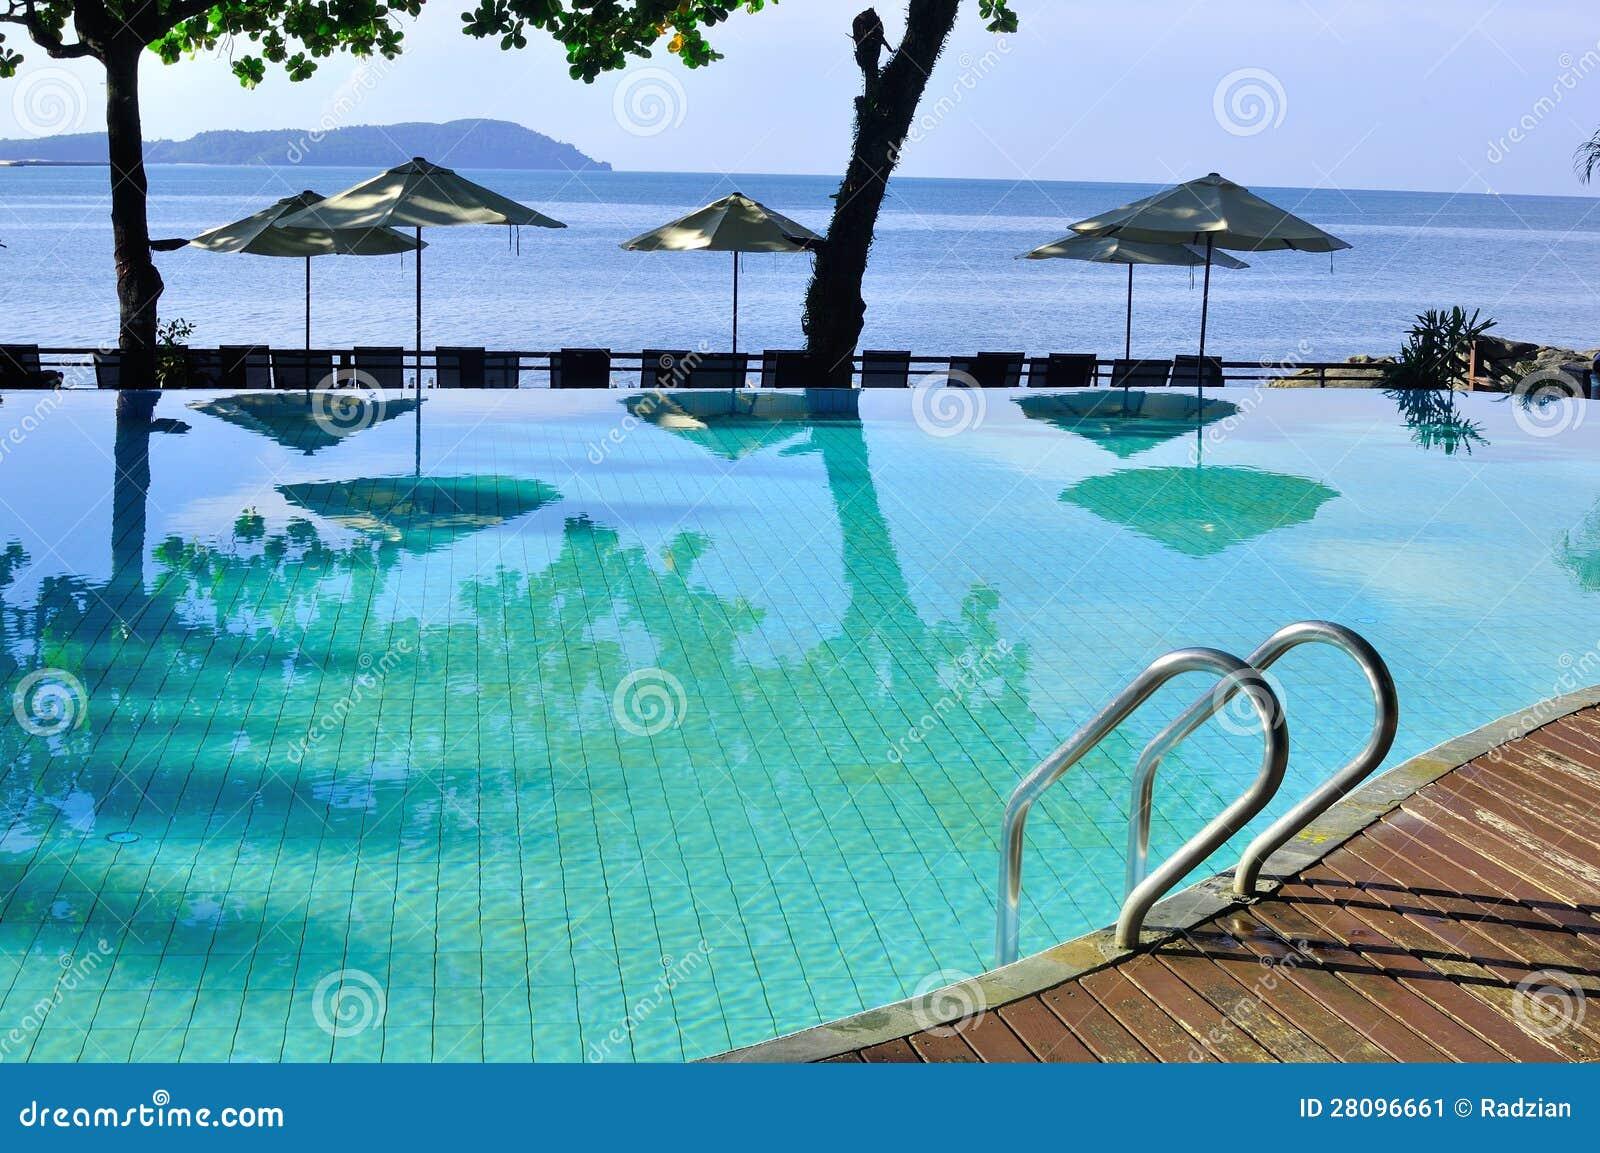 Piscina luxuosa e r stica pelo mar imagem de stock for Piscina z